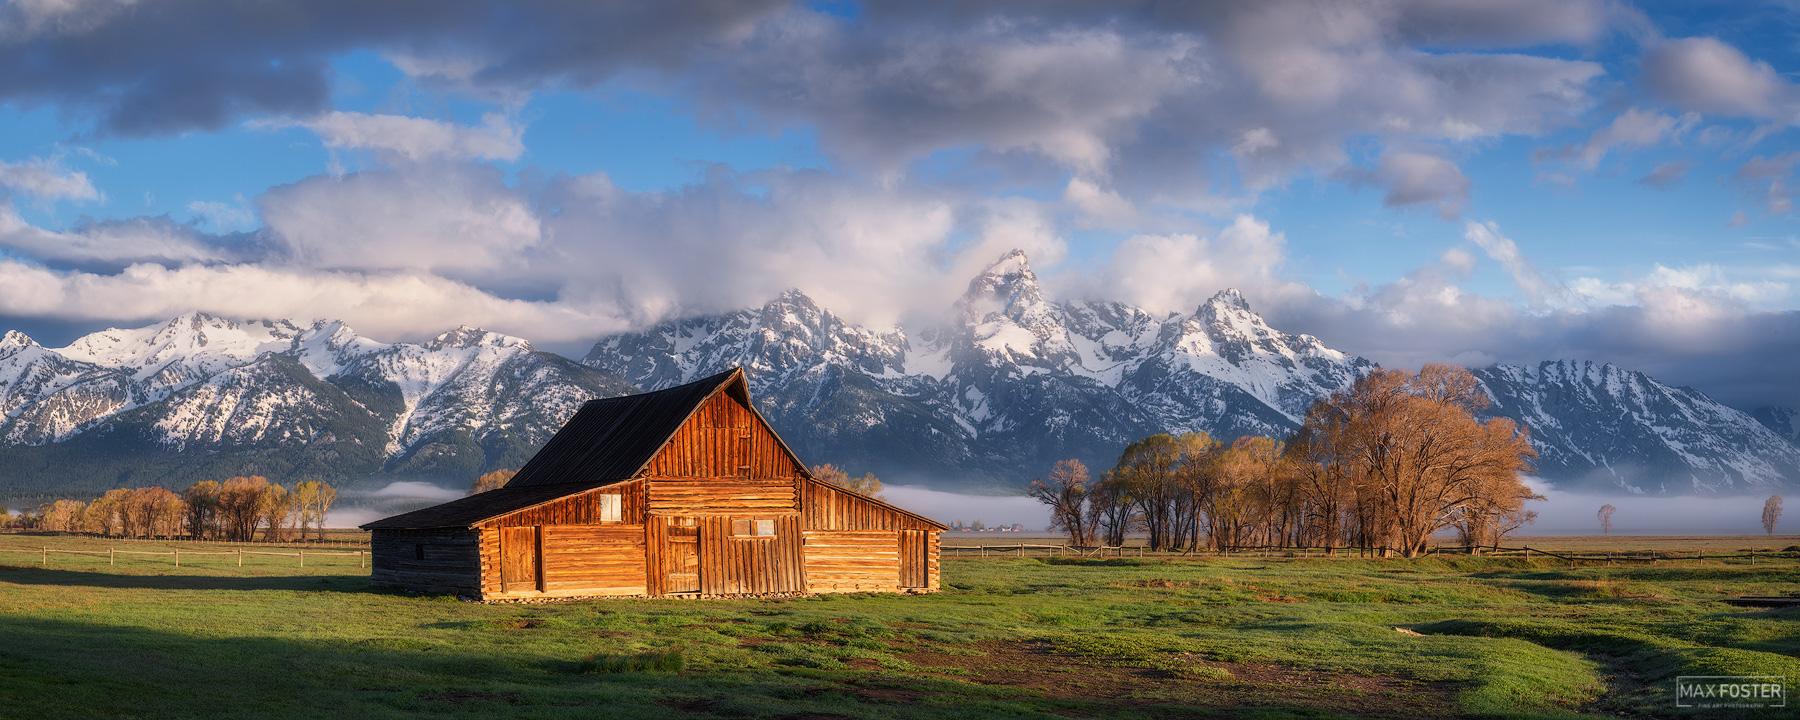 Moulton Barn, Grand Teton National Park, Wyoming, The Wild West, Mormon Row Historic District, photo